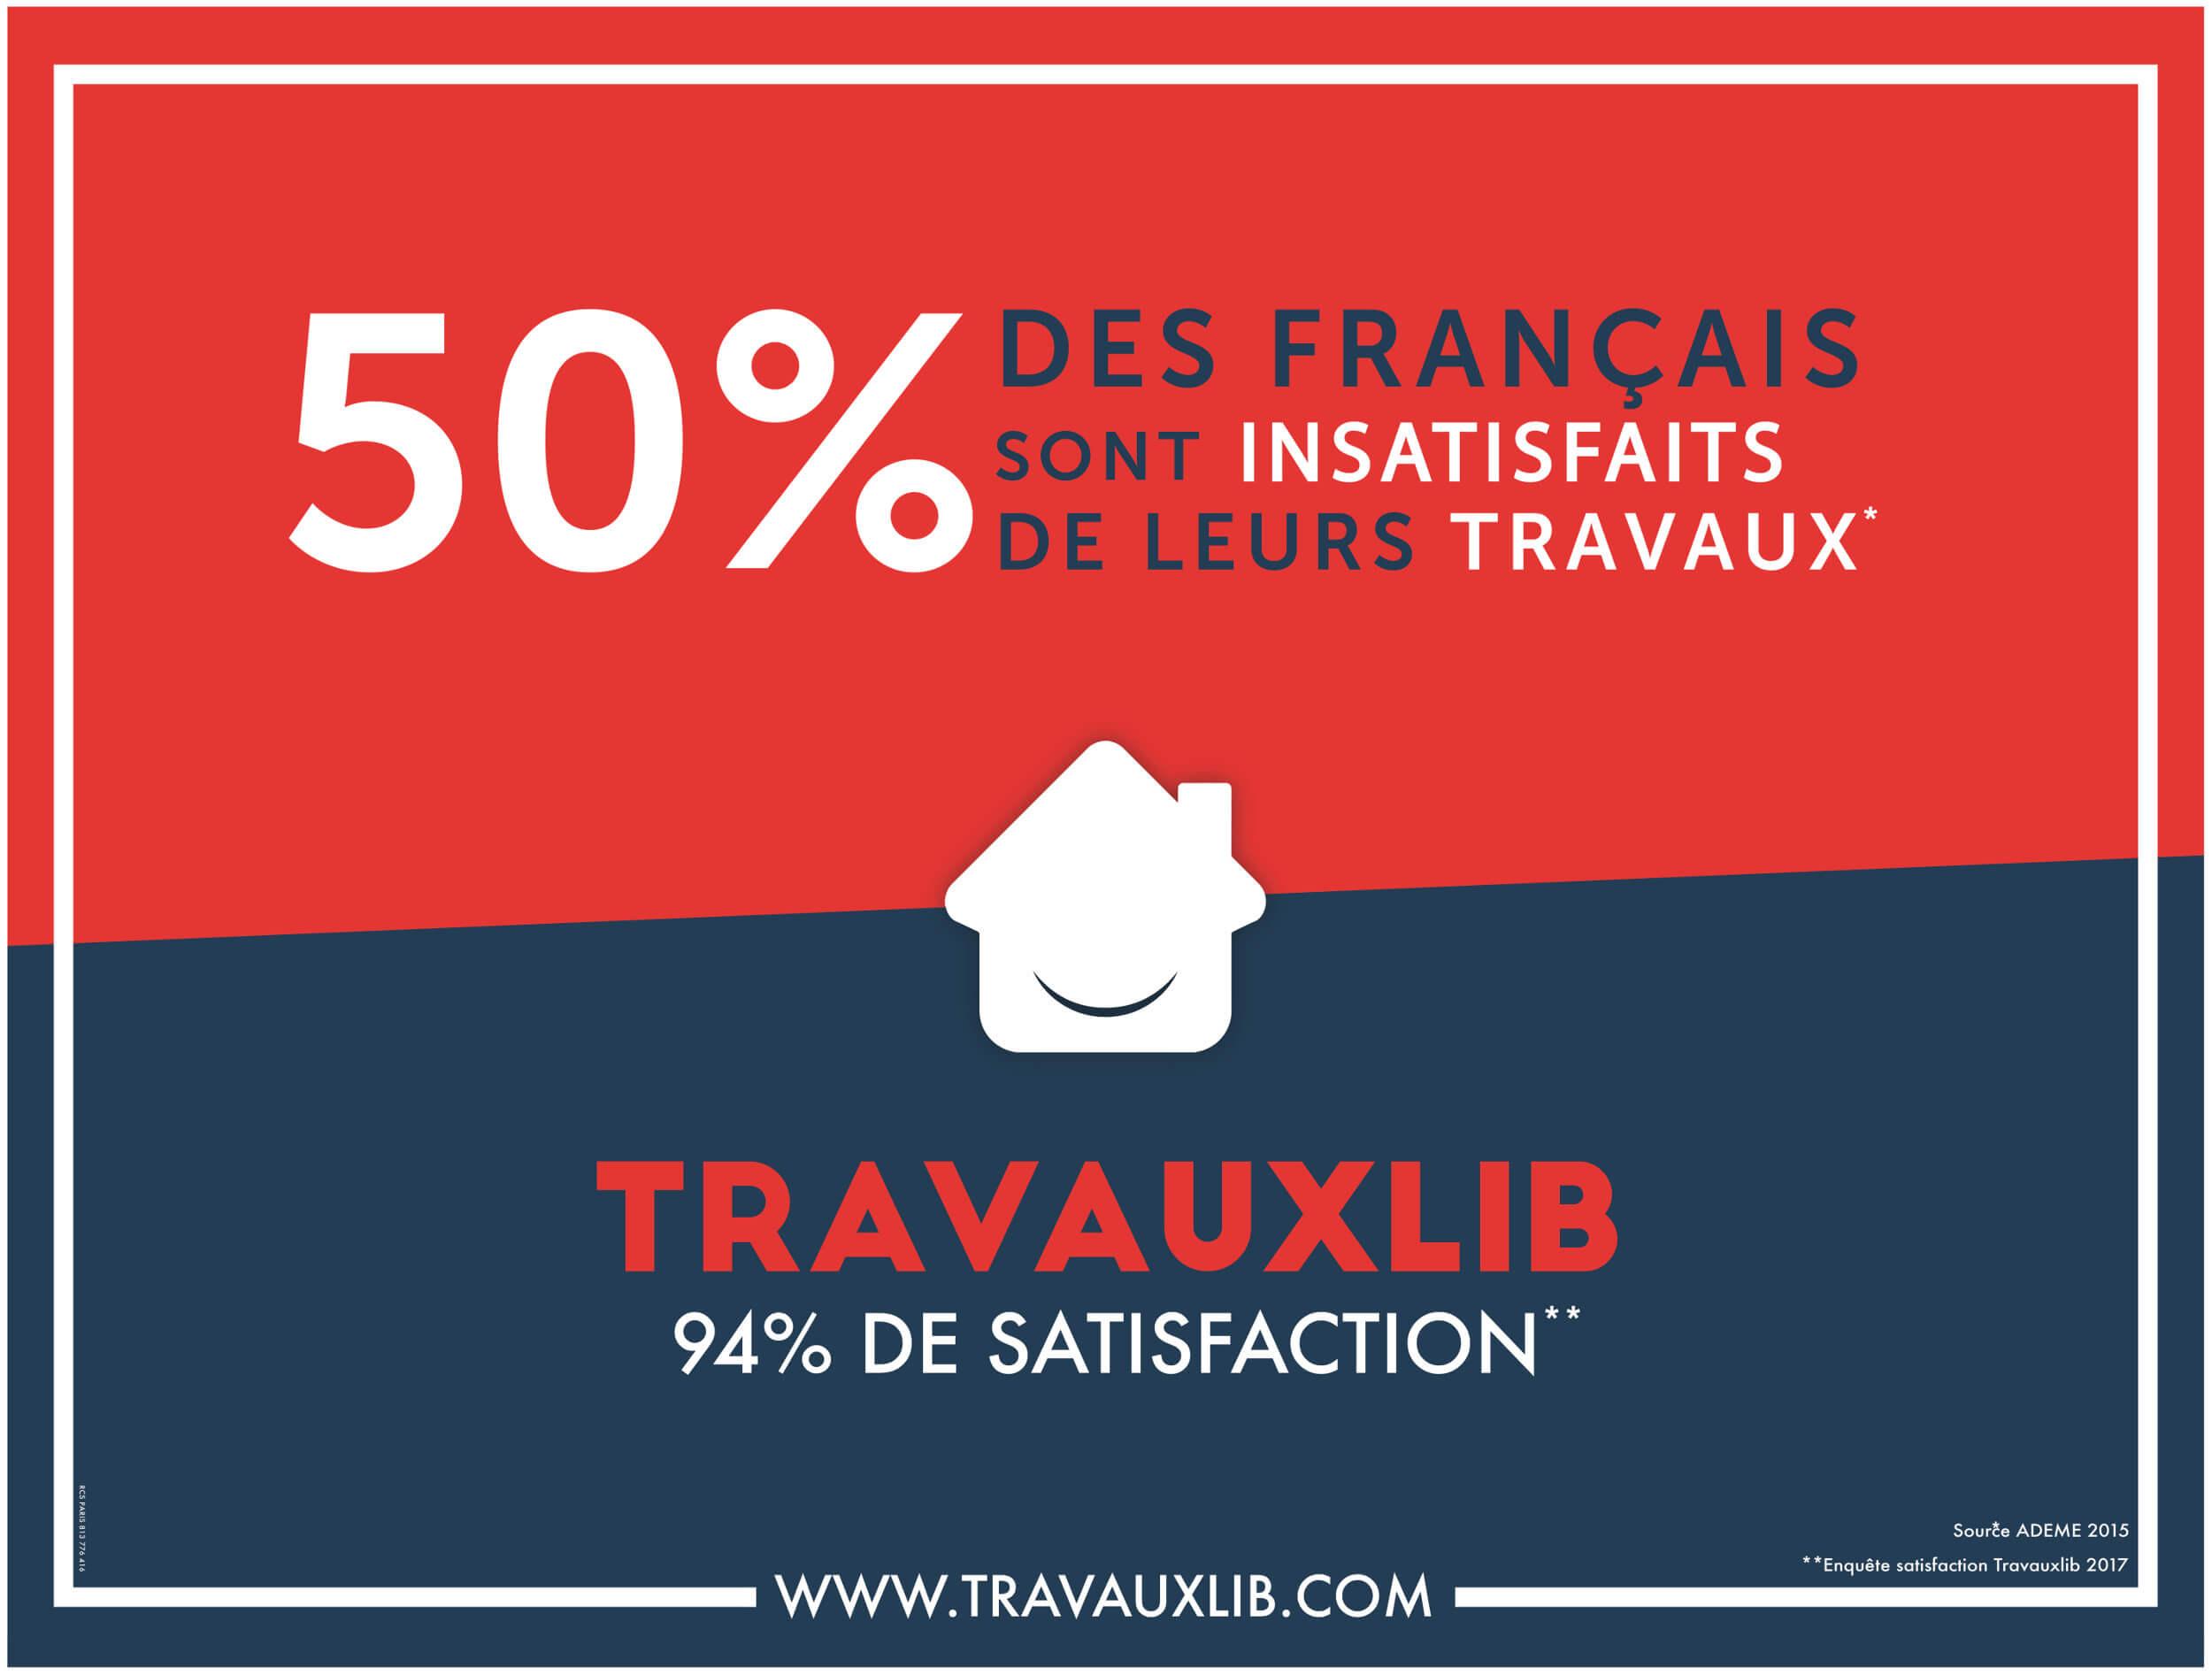 Pub Metro 50% des Francais sont insatisfaits de leurs travaux Travauxlib